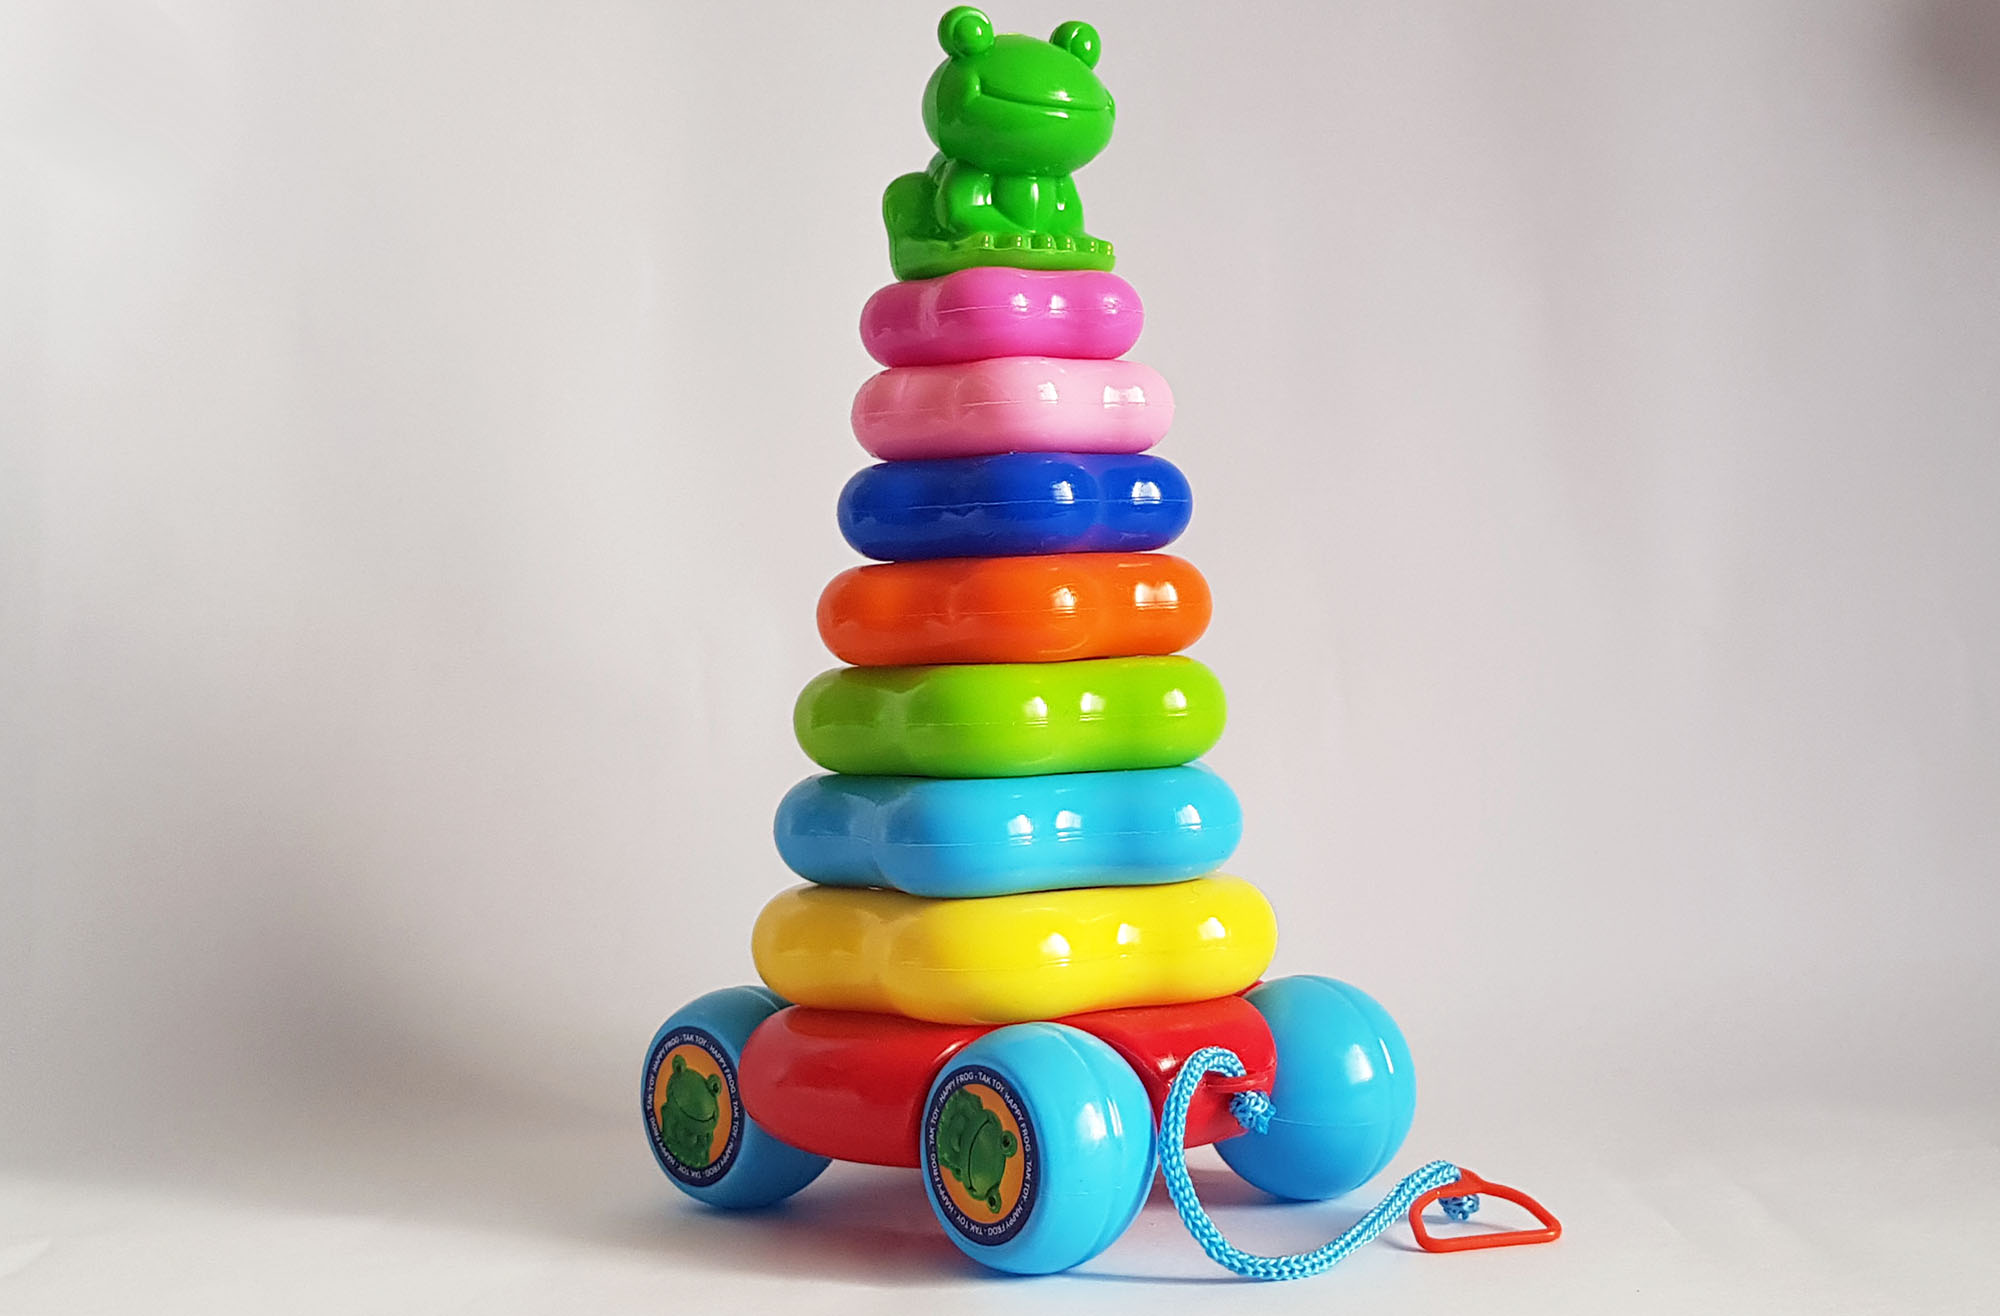 حلقه-هوش-قورباغه-اي-(تك-توي)-كوچك-چرخ-دار